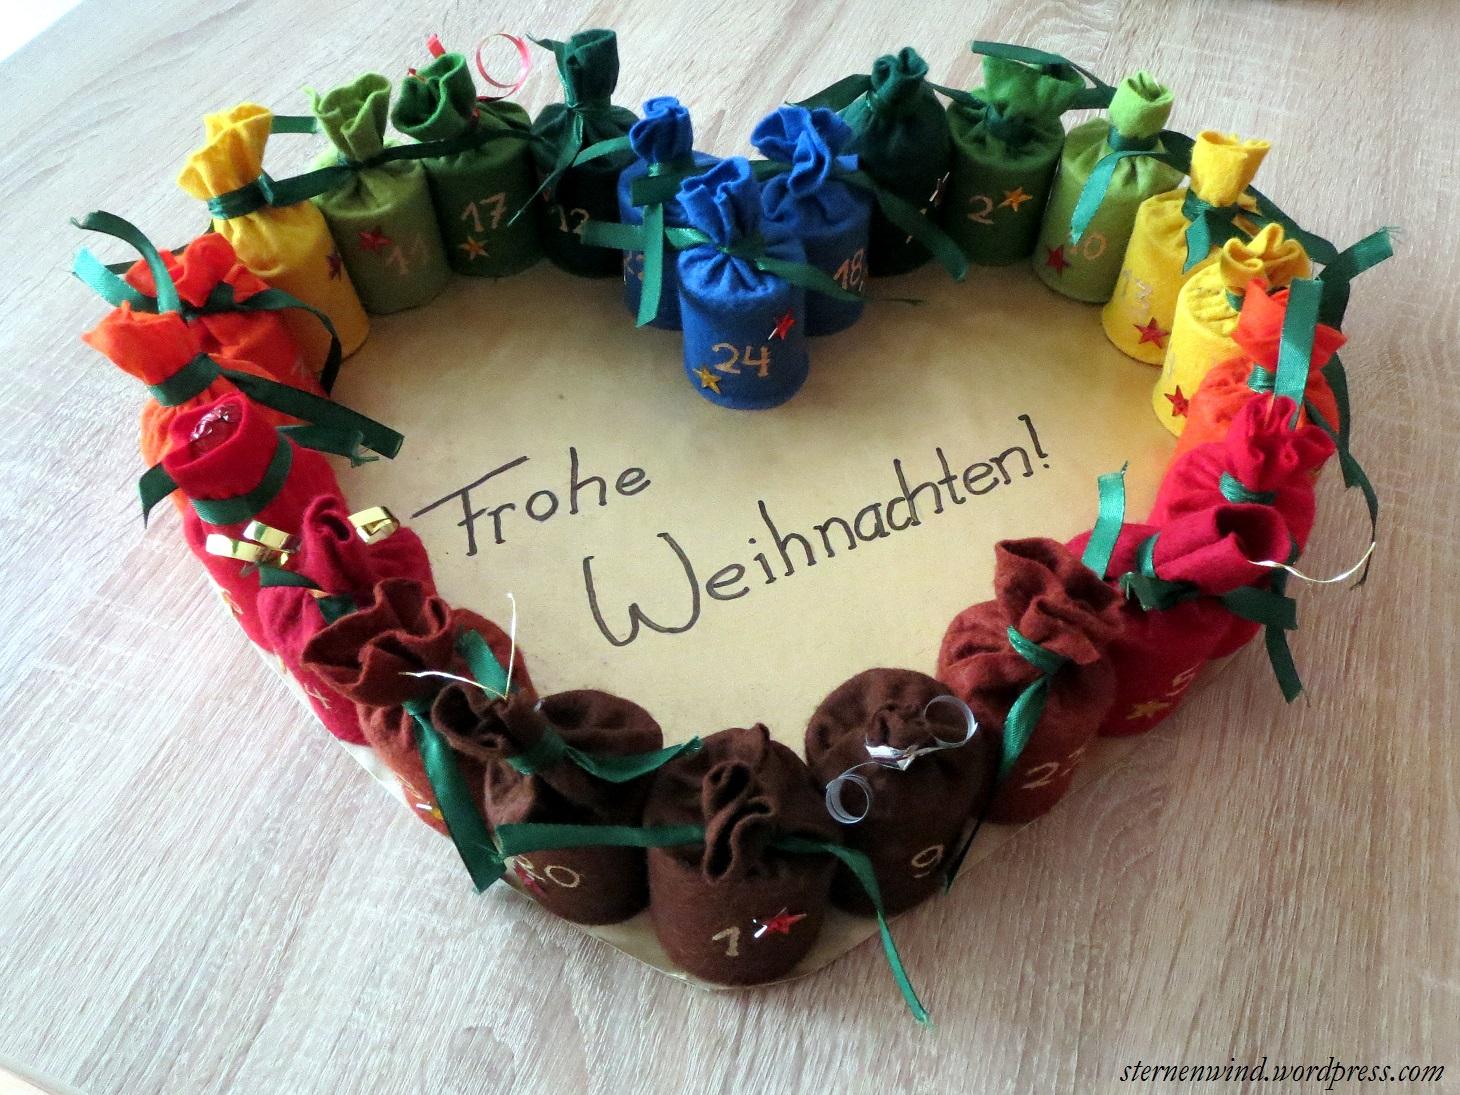 Diy Adventskalender Aus Klopapierrollen Sternenwind Blog